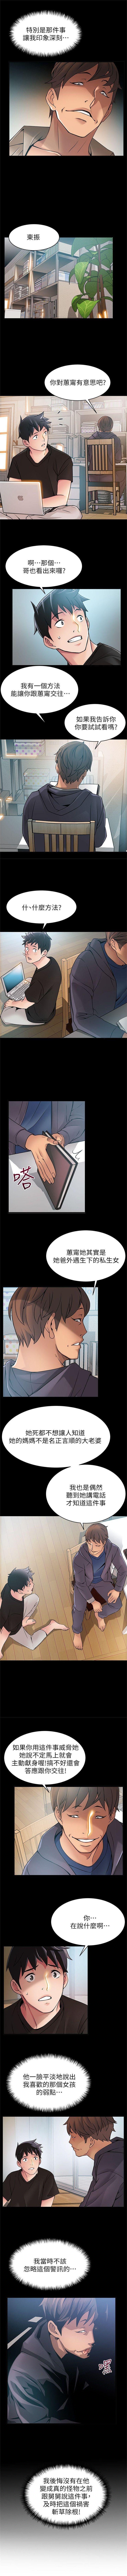 (週7)弱點 1-76 中文翻譯(更新中) 141